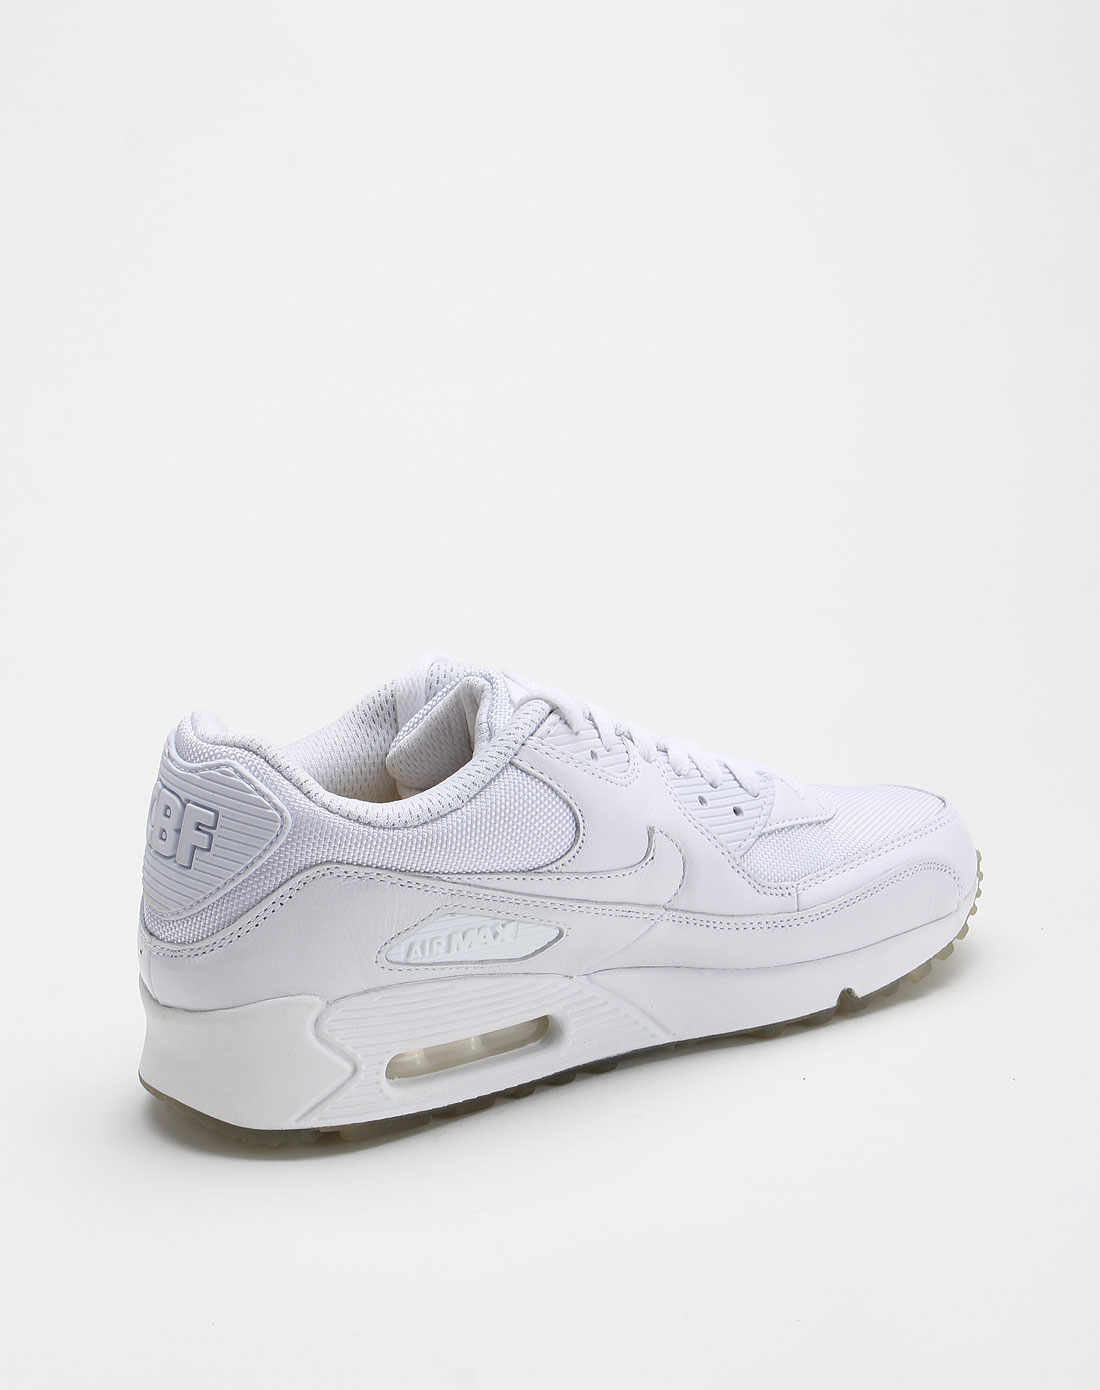 耐克nike-男鞋专场-男款白色时尚airmax90经典跑步鞋